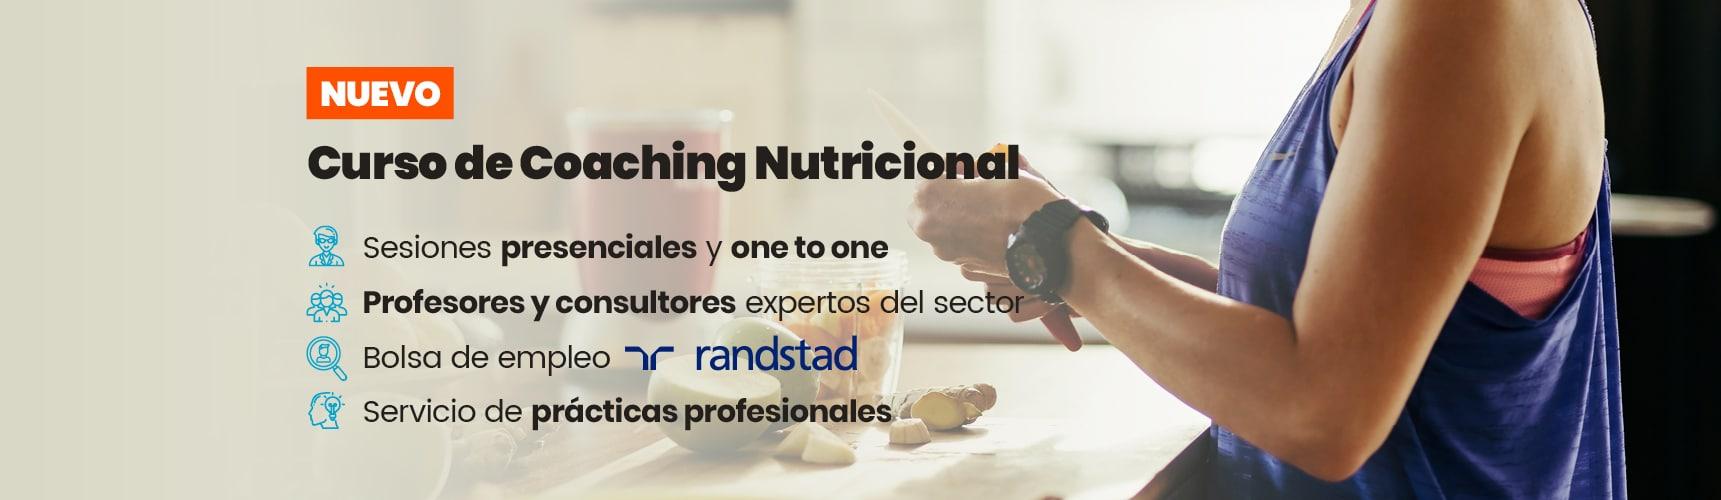 ¡Nuevo curso de Coaching Nutricional!